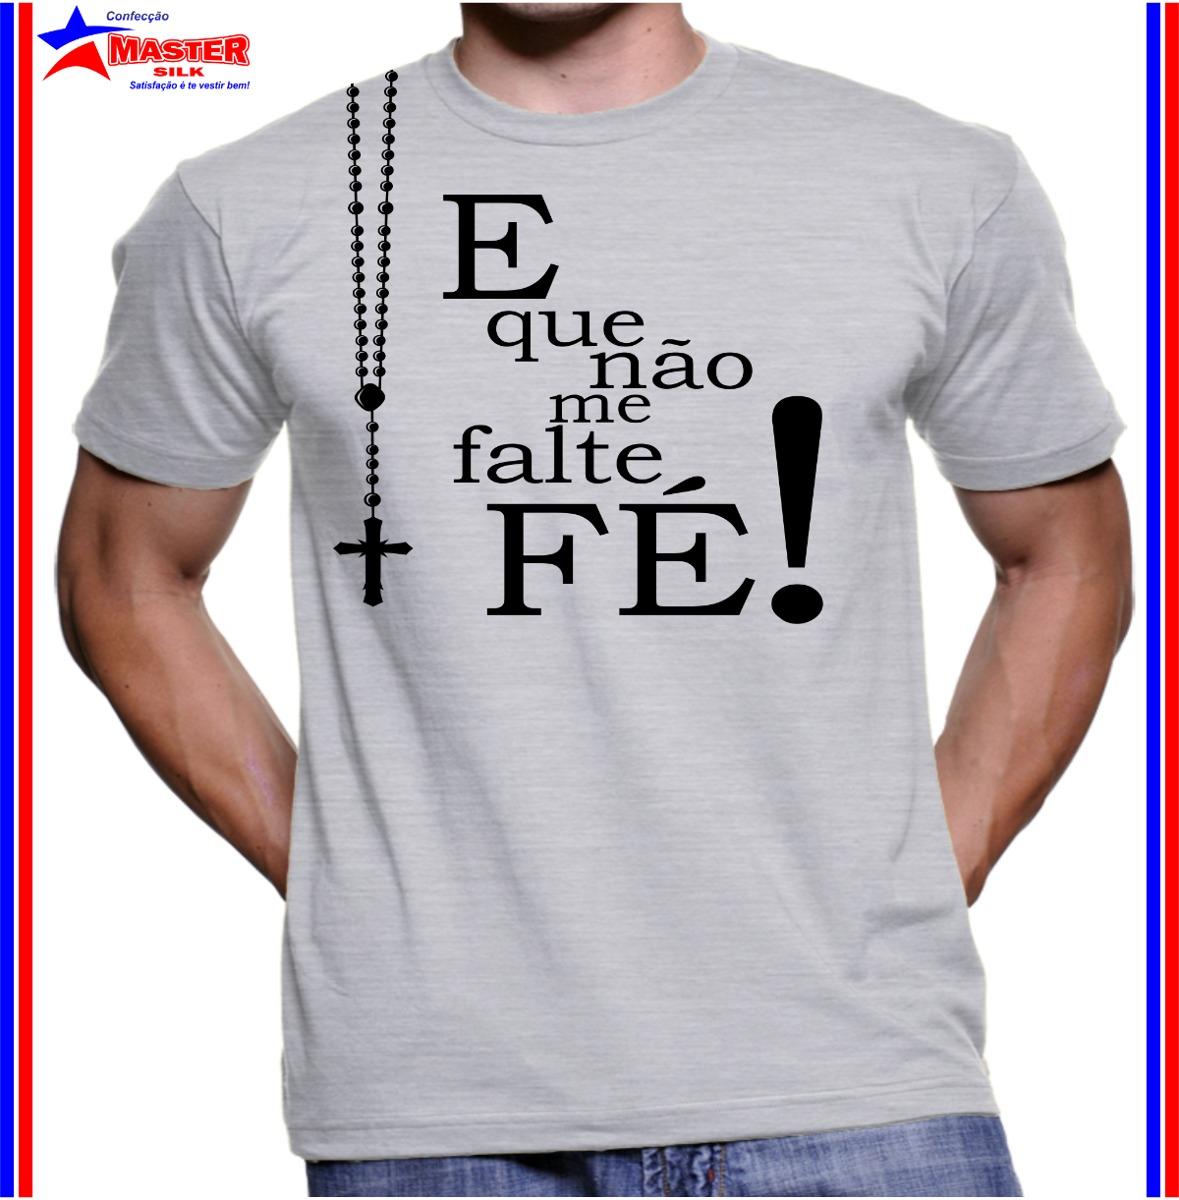 Camiseta Camisa E Que Não Me Falte Fé Religiosa Mascul Femin - R  42 ... 4b8a0d0a817